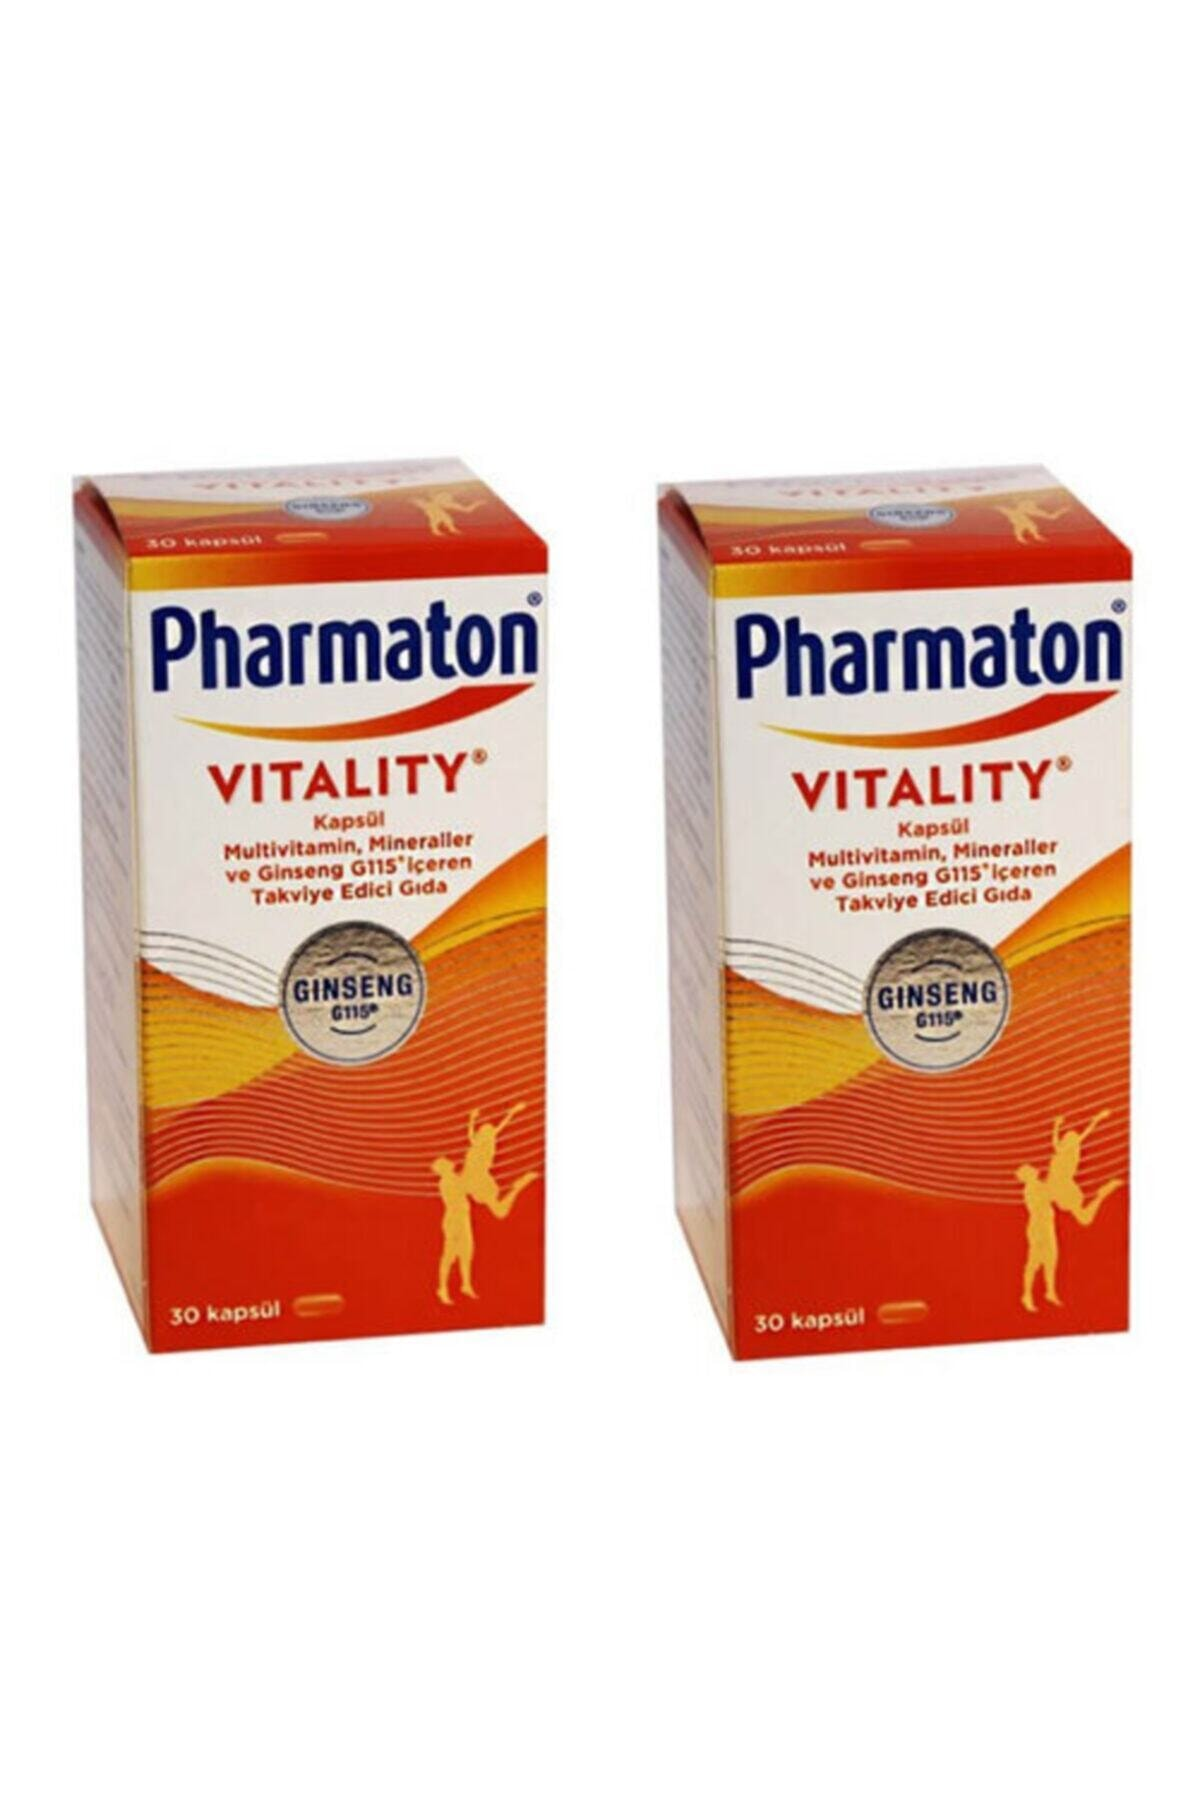 Pharmaton Vitality 30 Kapsül 2 Adet 1